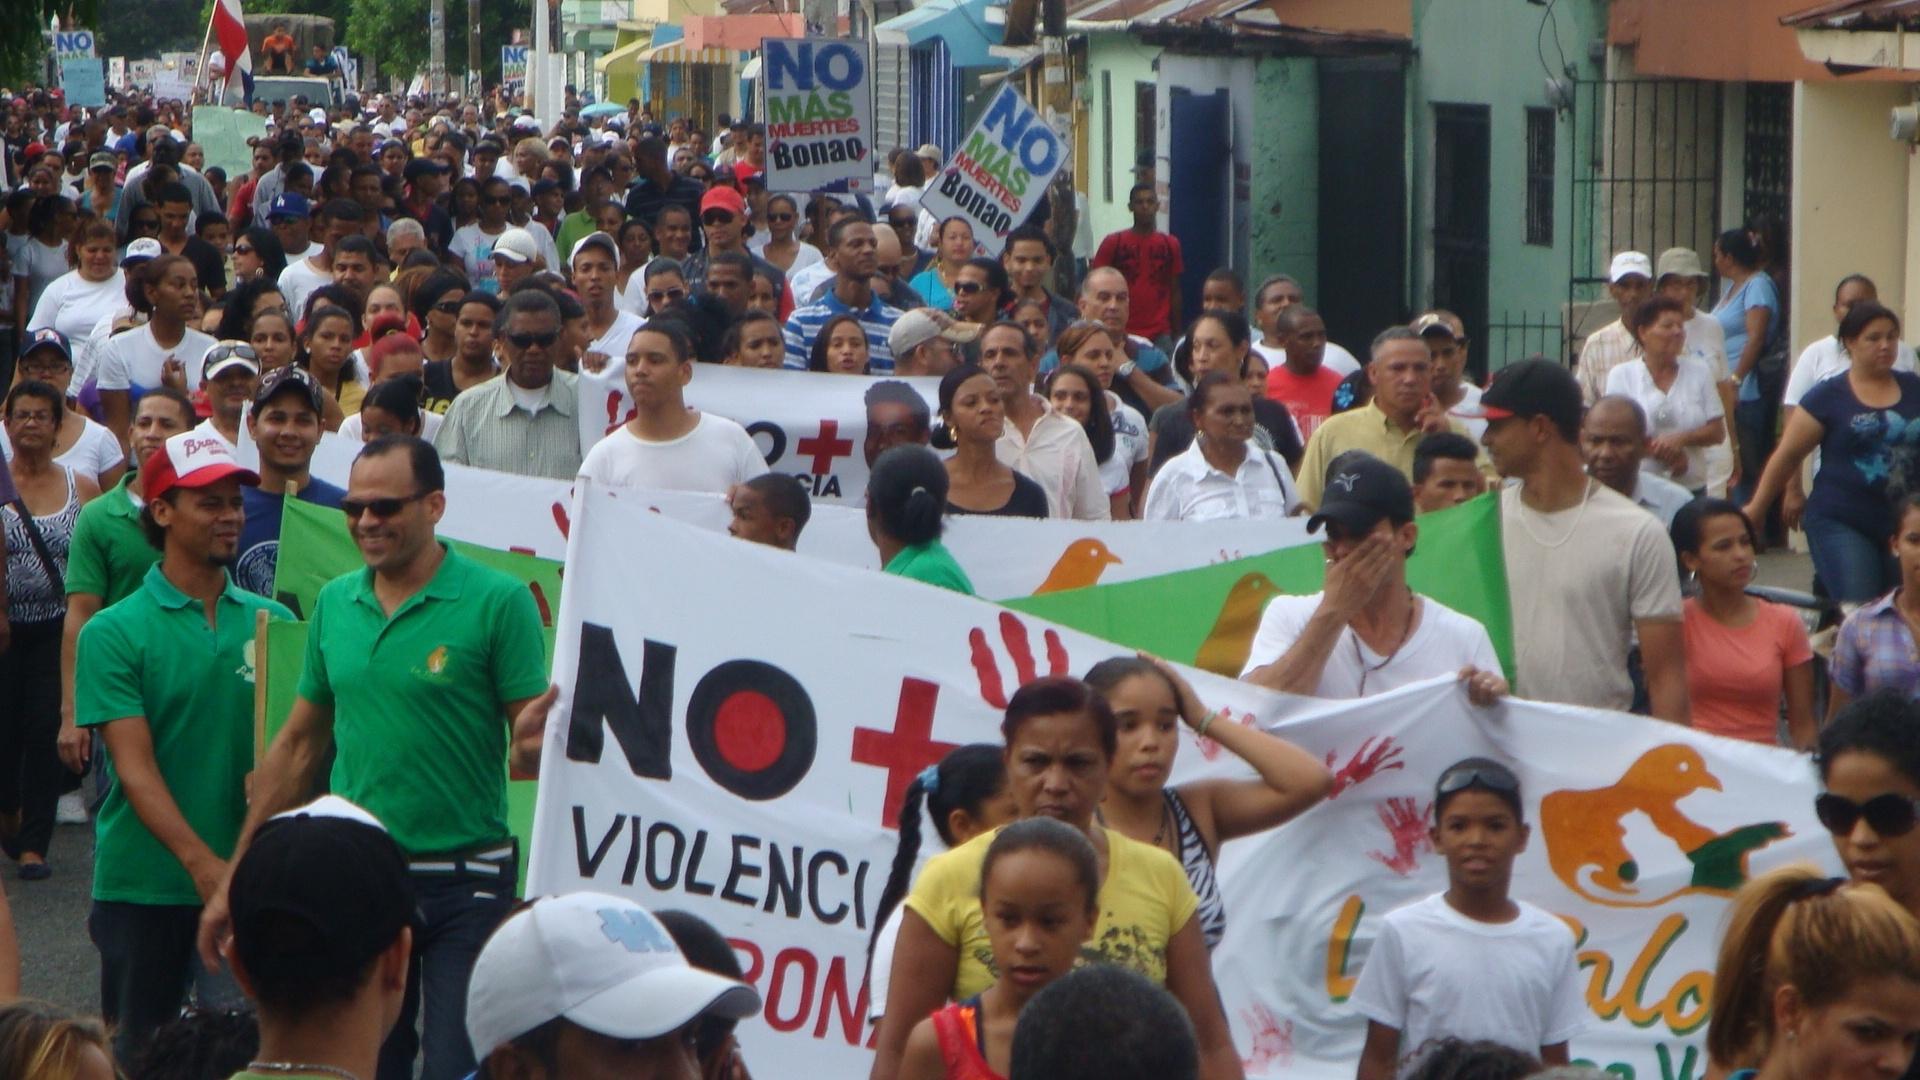 Ola de violencia en Bonao se debe a grupos del narcotráfico, según Interior y Policía